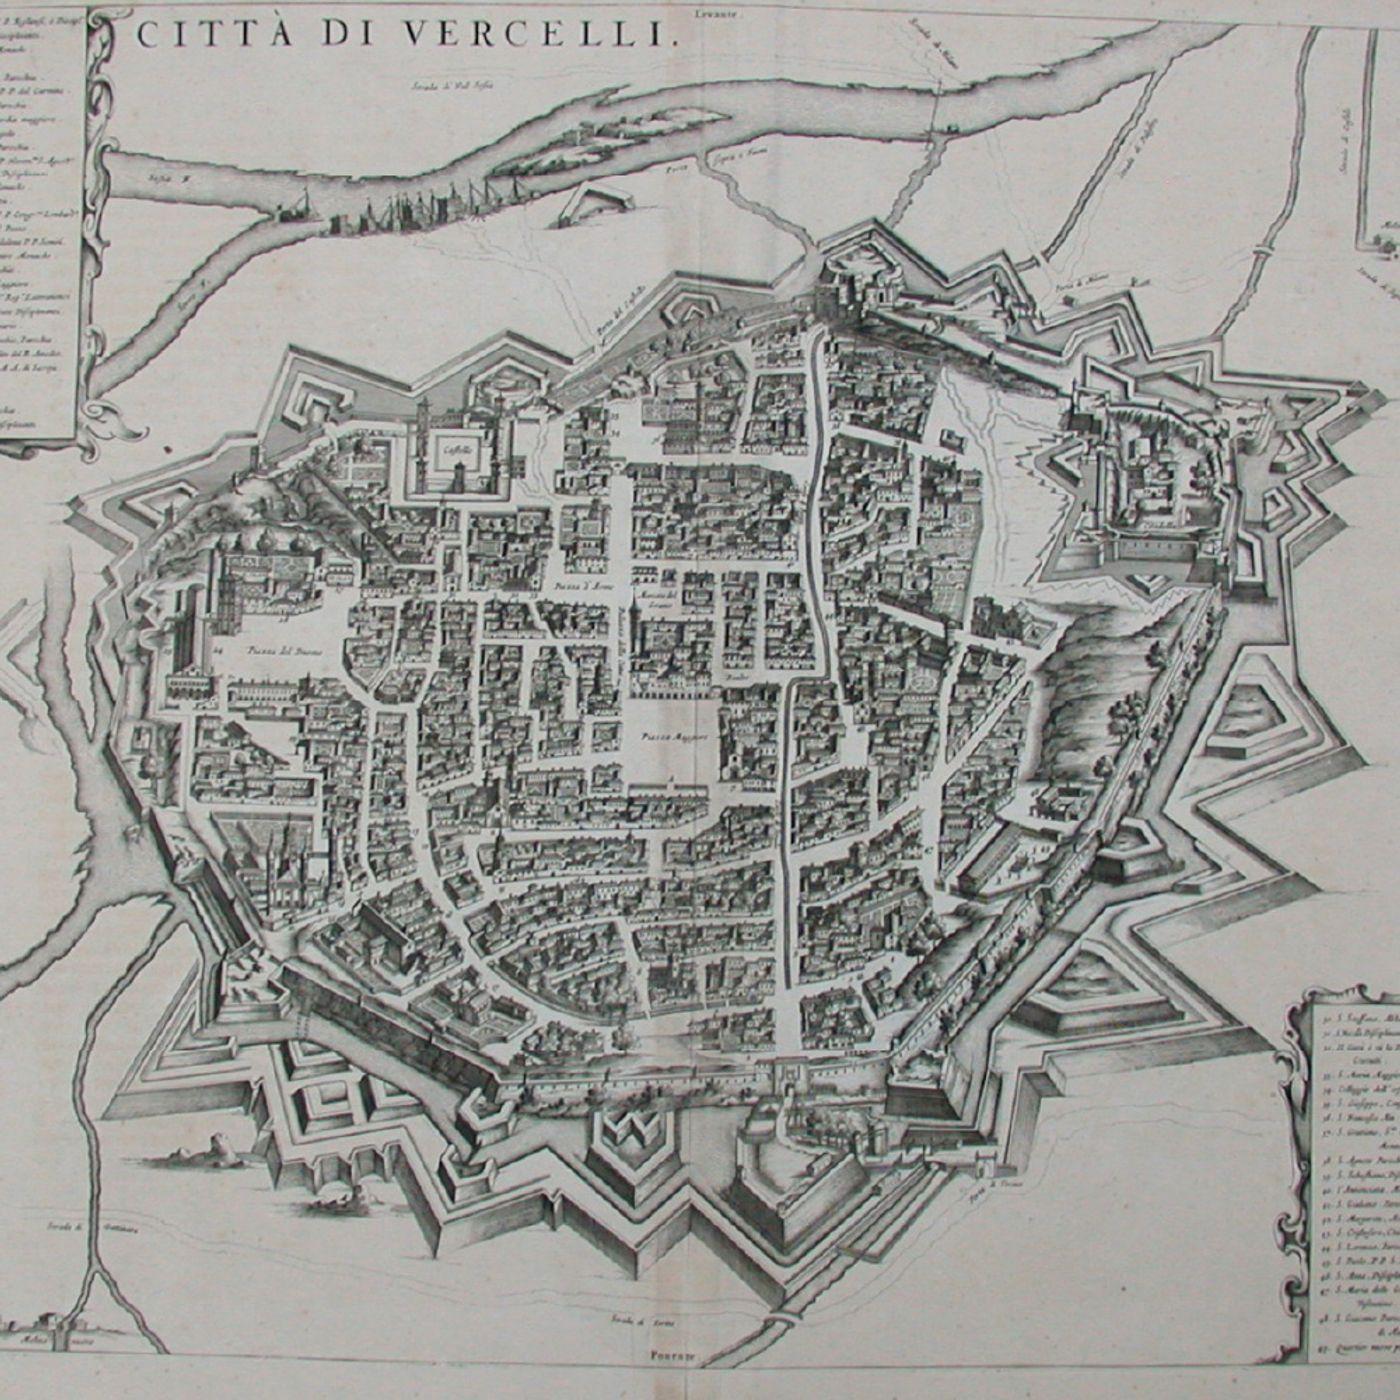 I Segreti della Vercelli Medievale - ExtraBarbero (Vercelli, 2020)